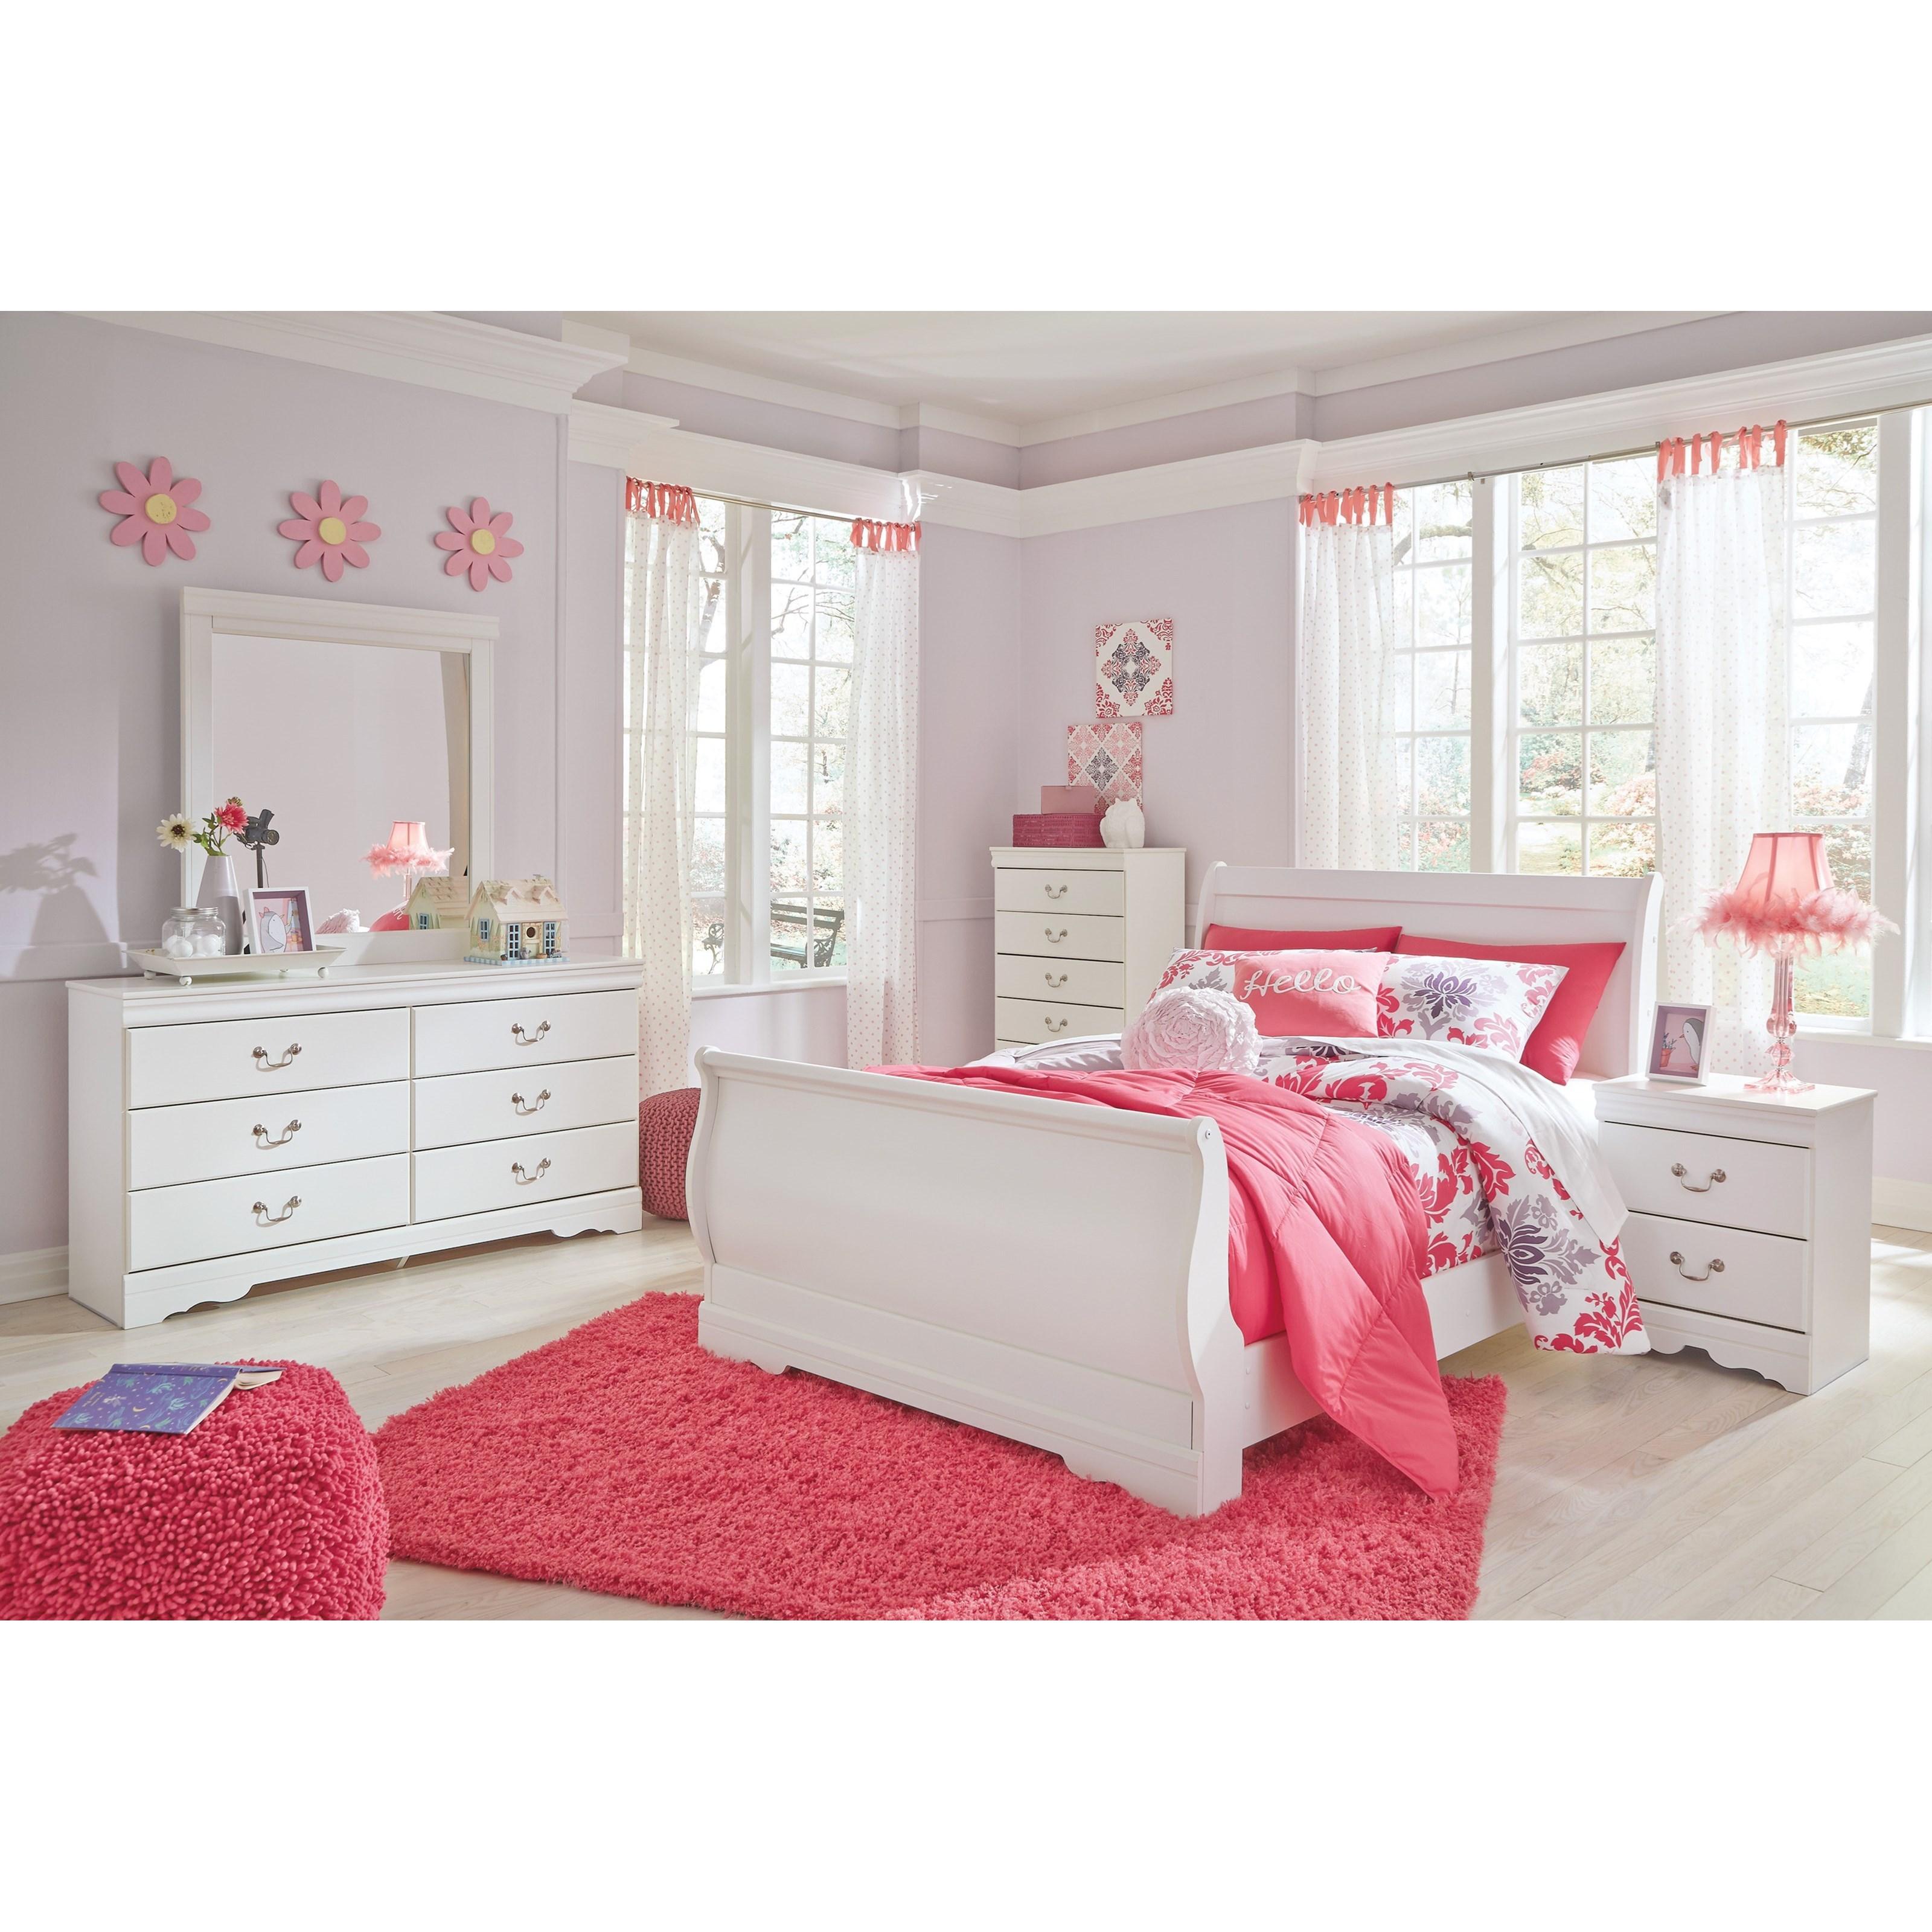 Anarasia Full Bedroom Group at Sadler's Home Furnishings